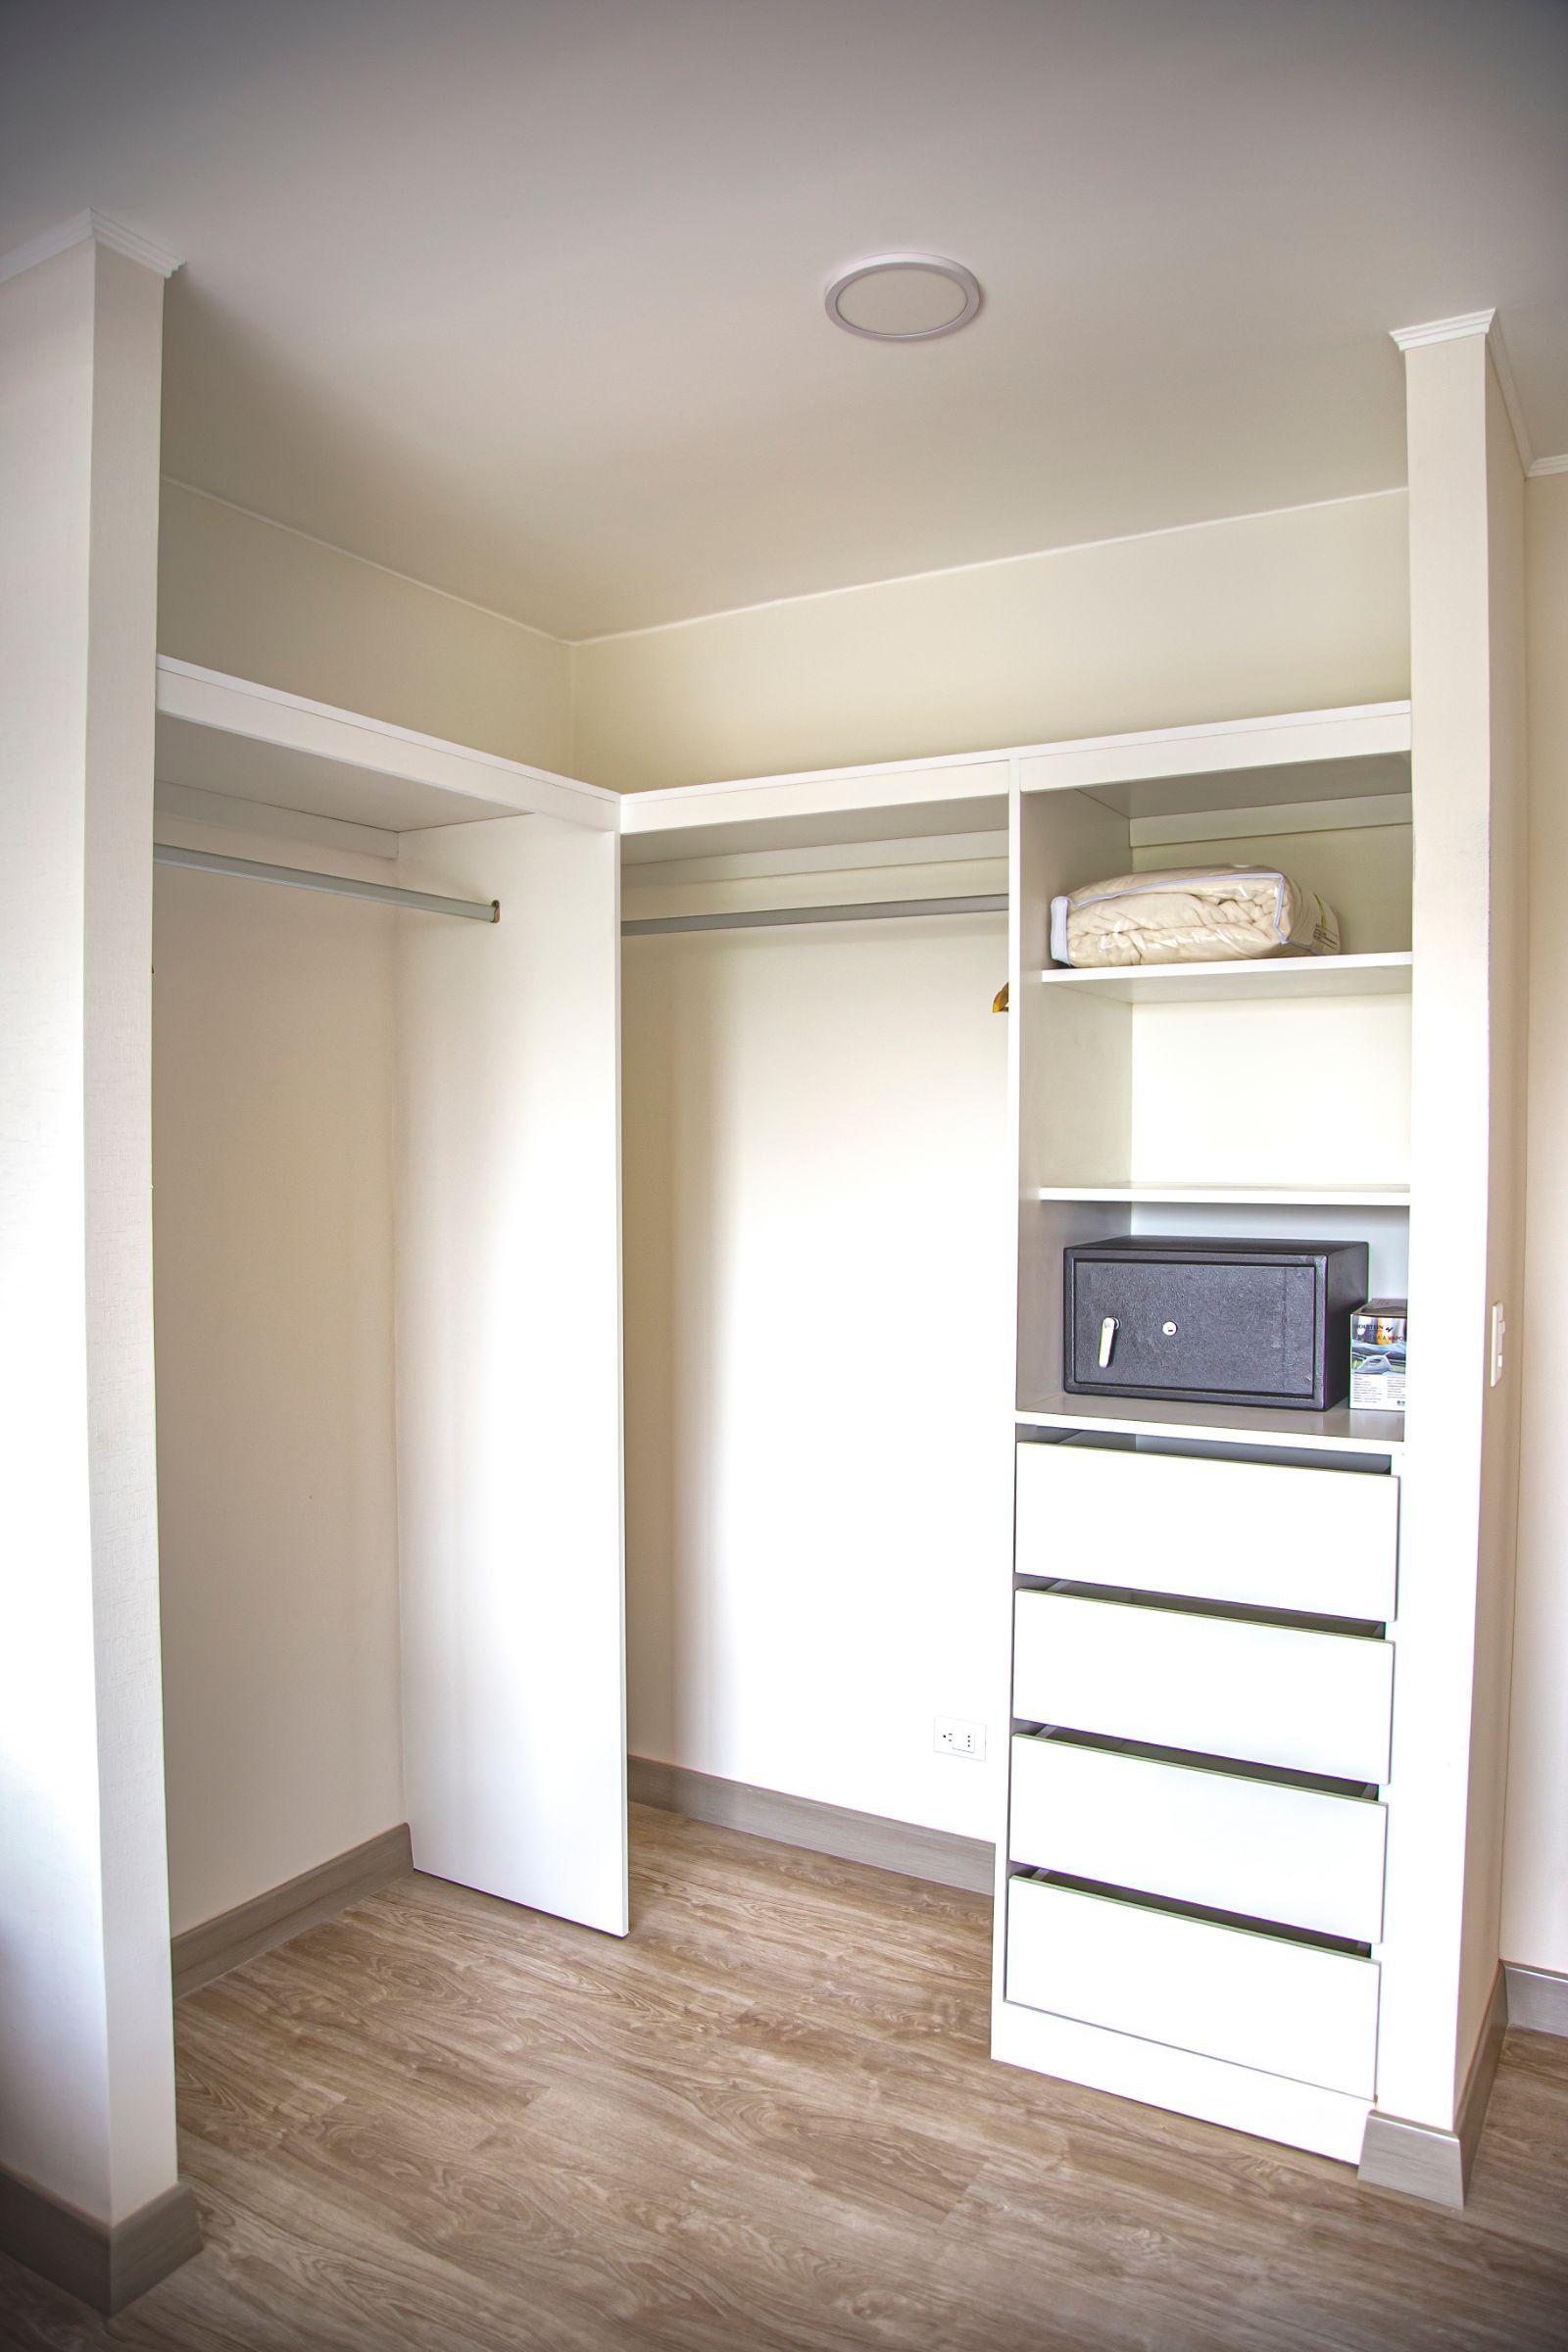 Dpto 2 dormitorios · Miraflores · Zip Housing · Lima · Perú